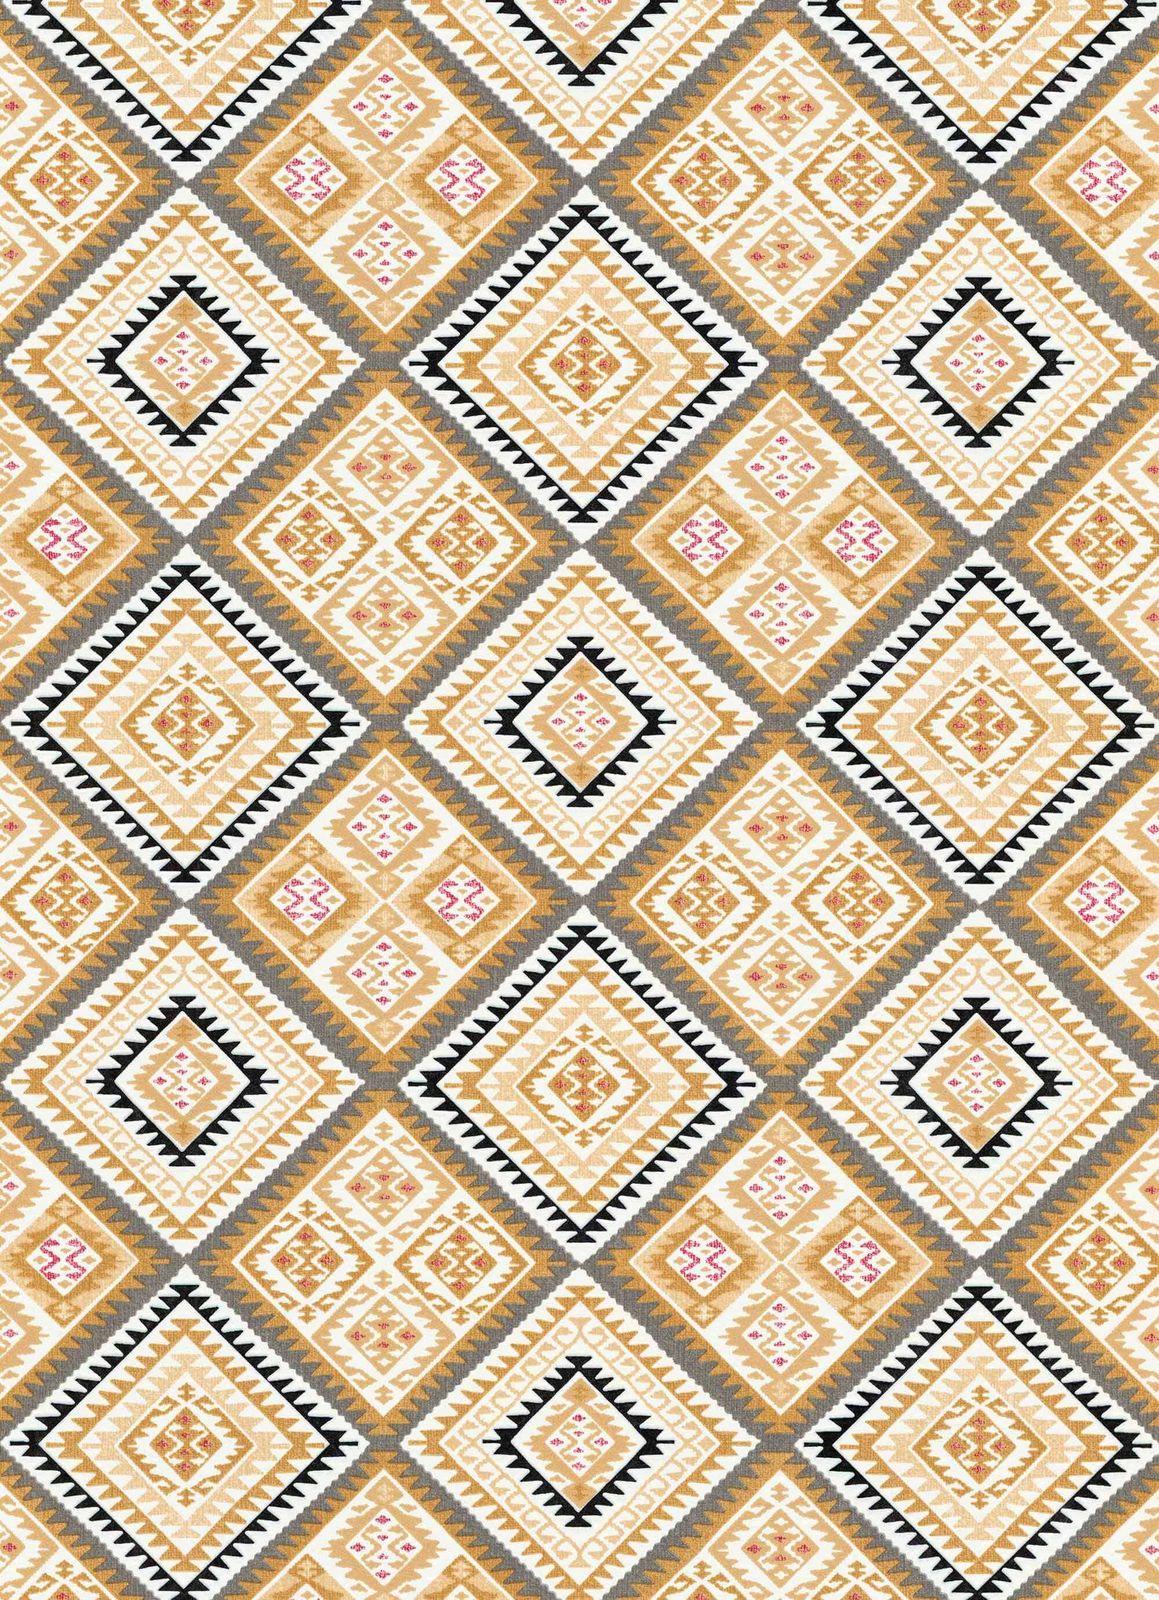 vlies tapete azteken design gelb wei grau erismann 5411 03. Black Bedroom Furniture Sets. Home Design Ideas